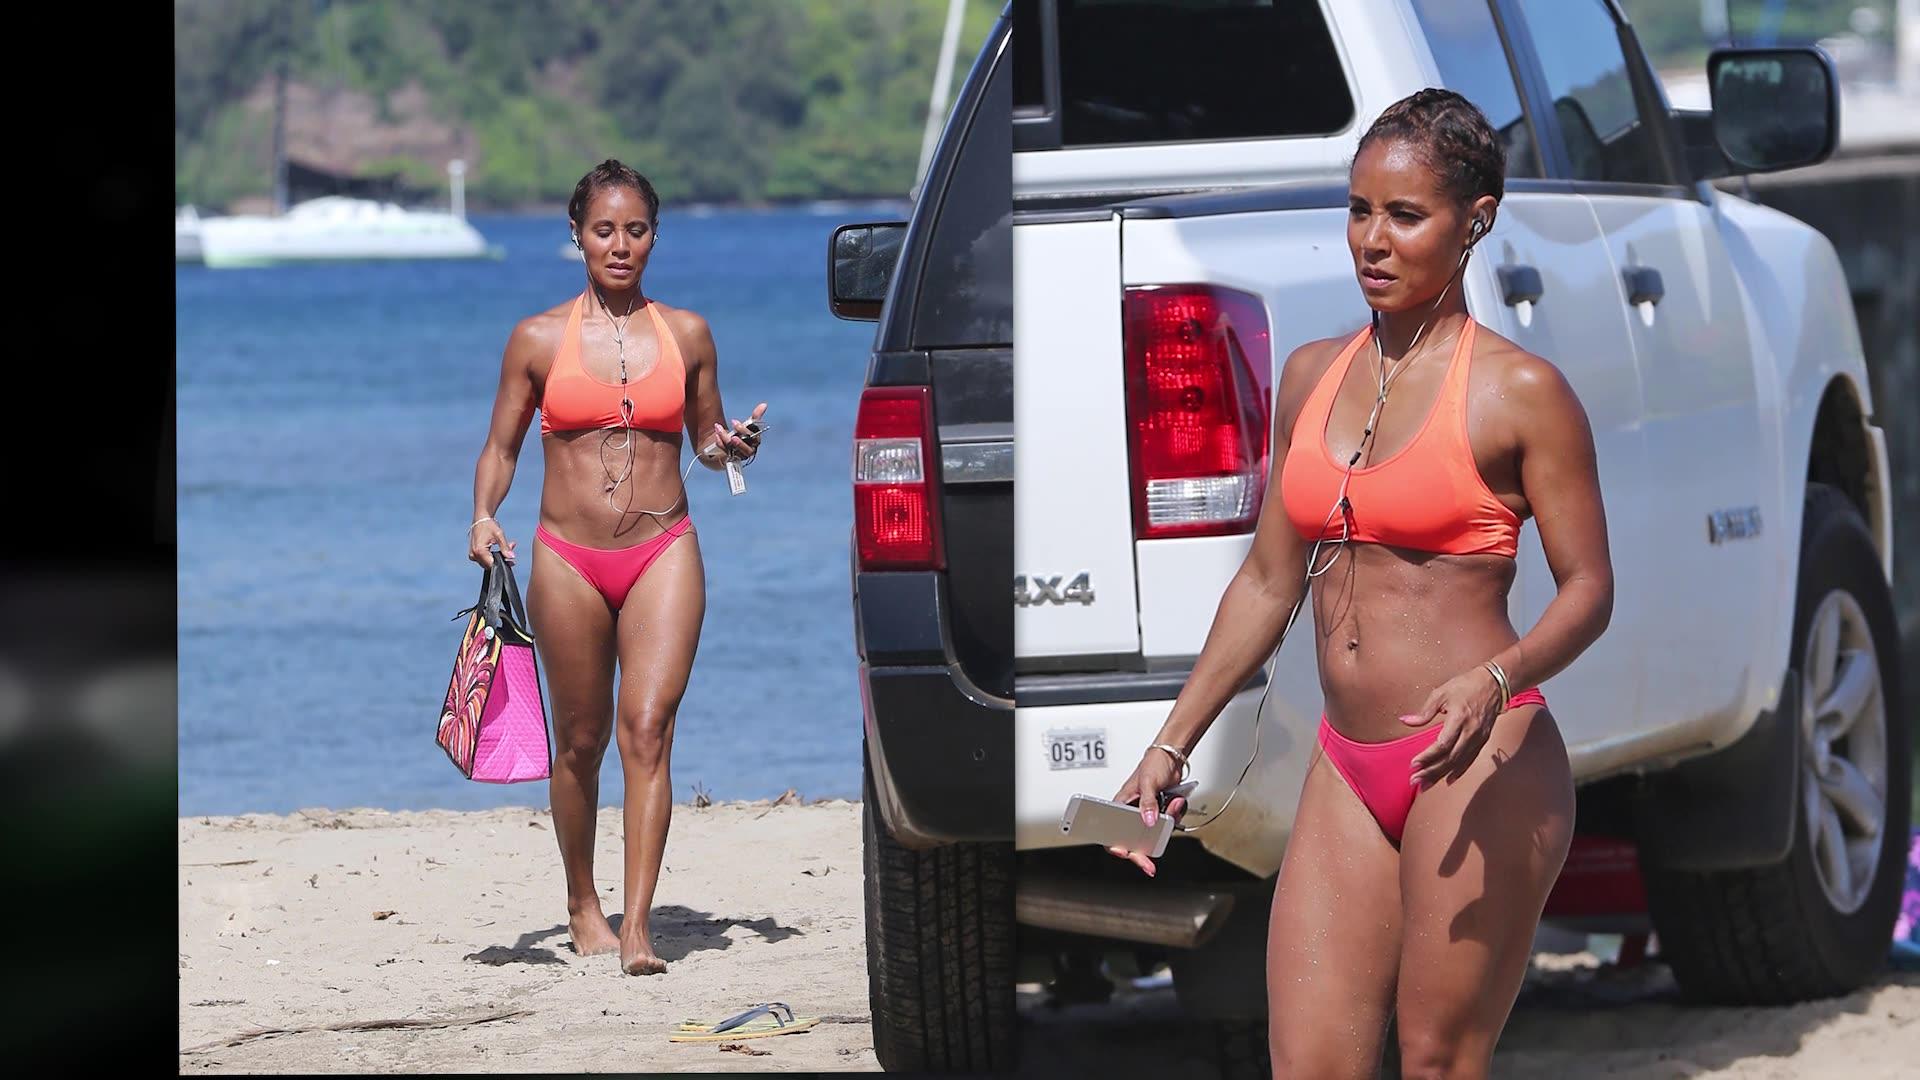 Bikini-Clad Jada Pinkett Smith Stays Active in Hawaii